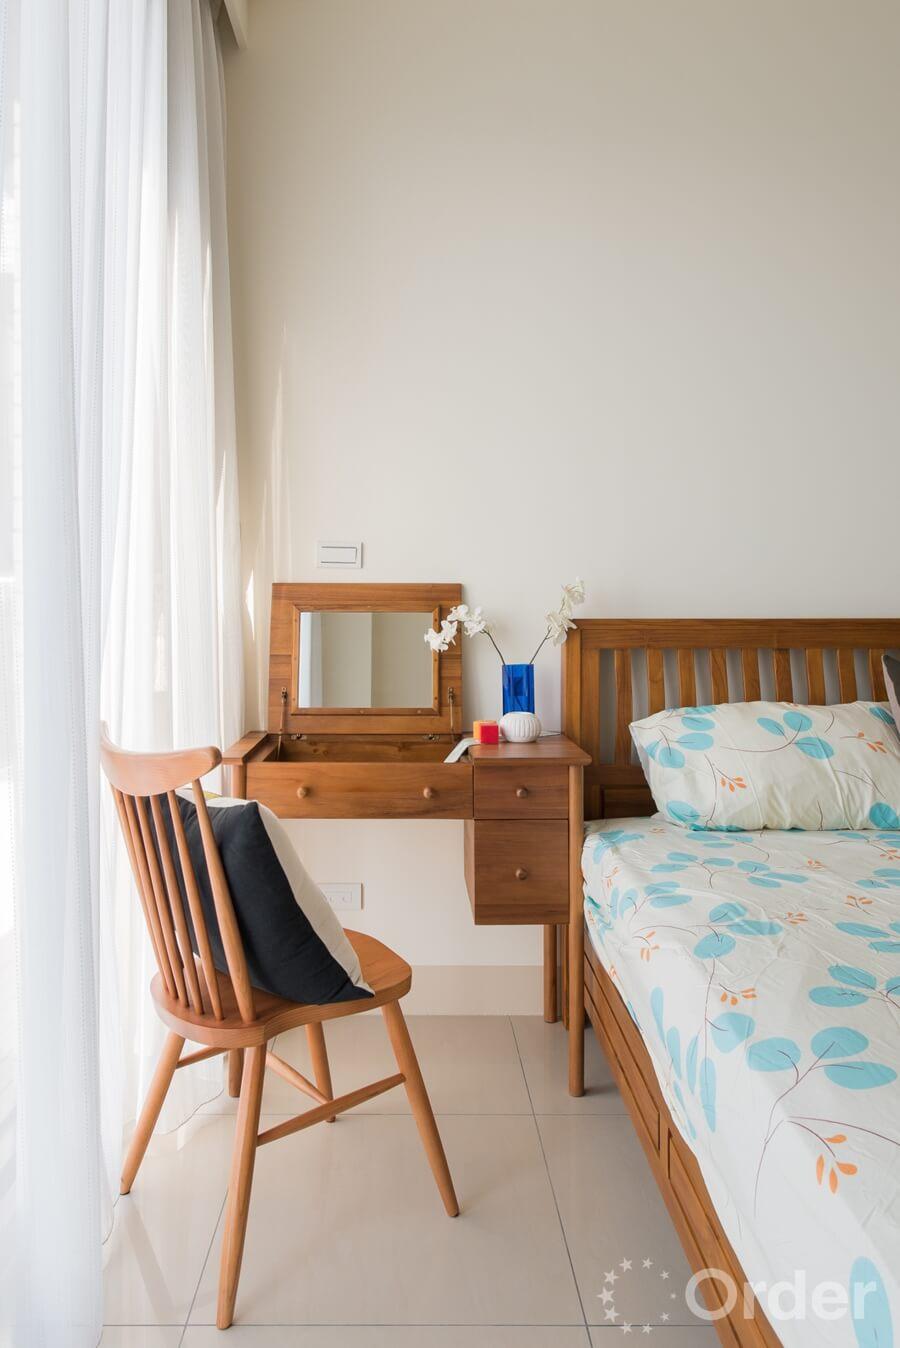 主臥房結合線條簡約帶有復古設計的優渥實木家具,演繹樸實無華的舒適氛圍。